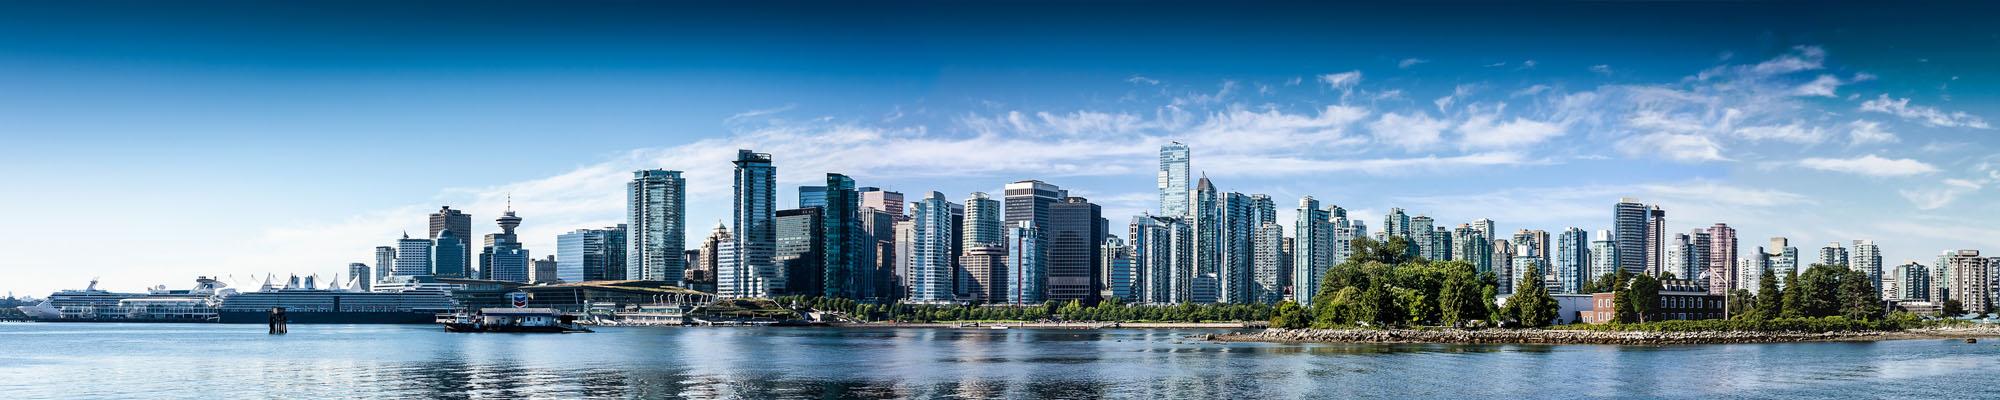 Paket Nach Kanada Günstig Buchen Mit Tarifvergleich